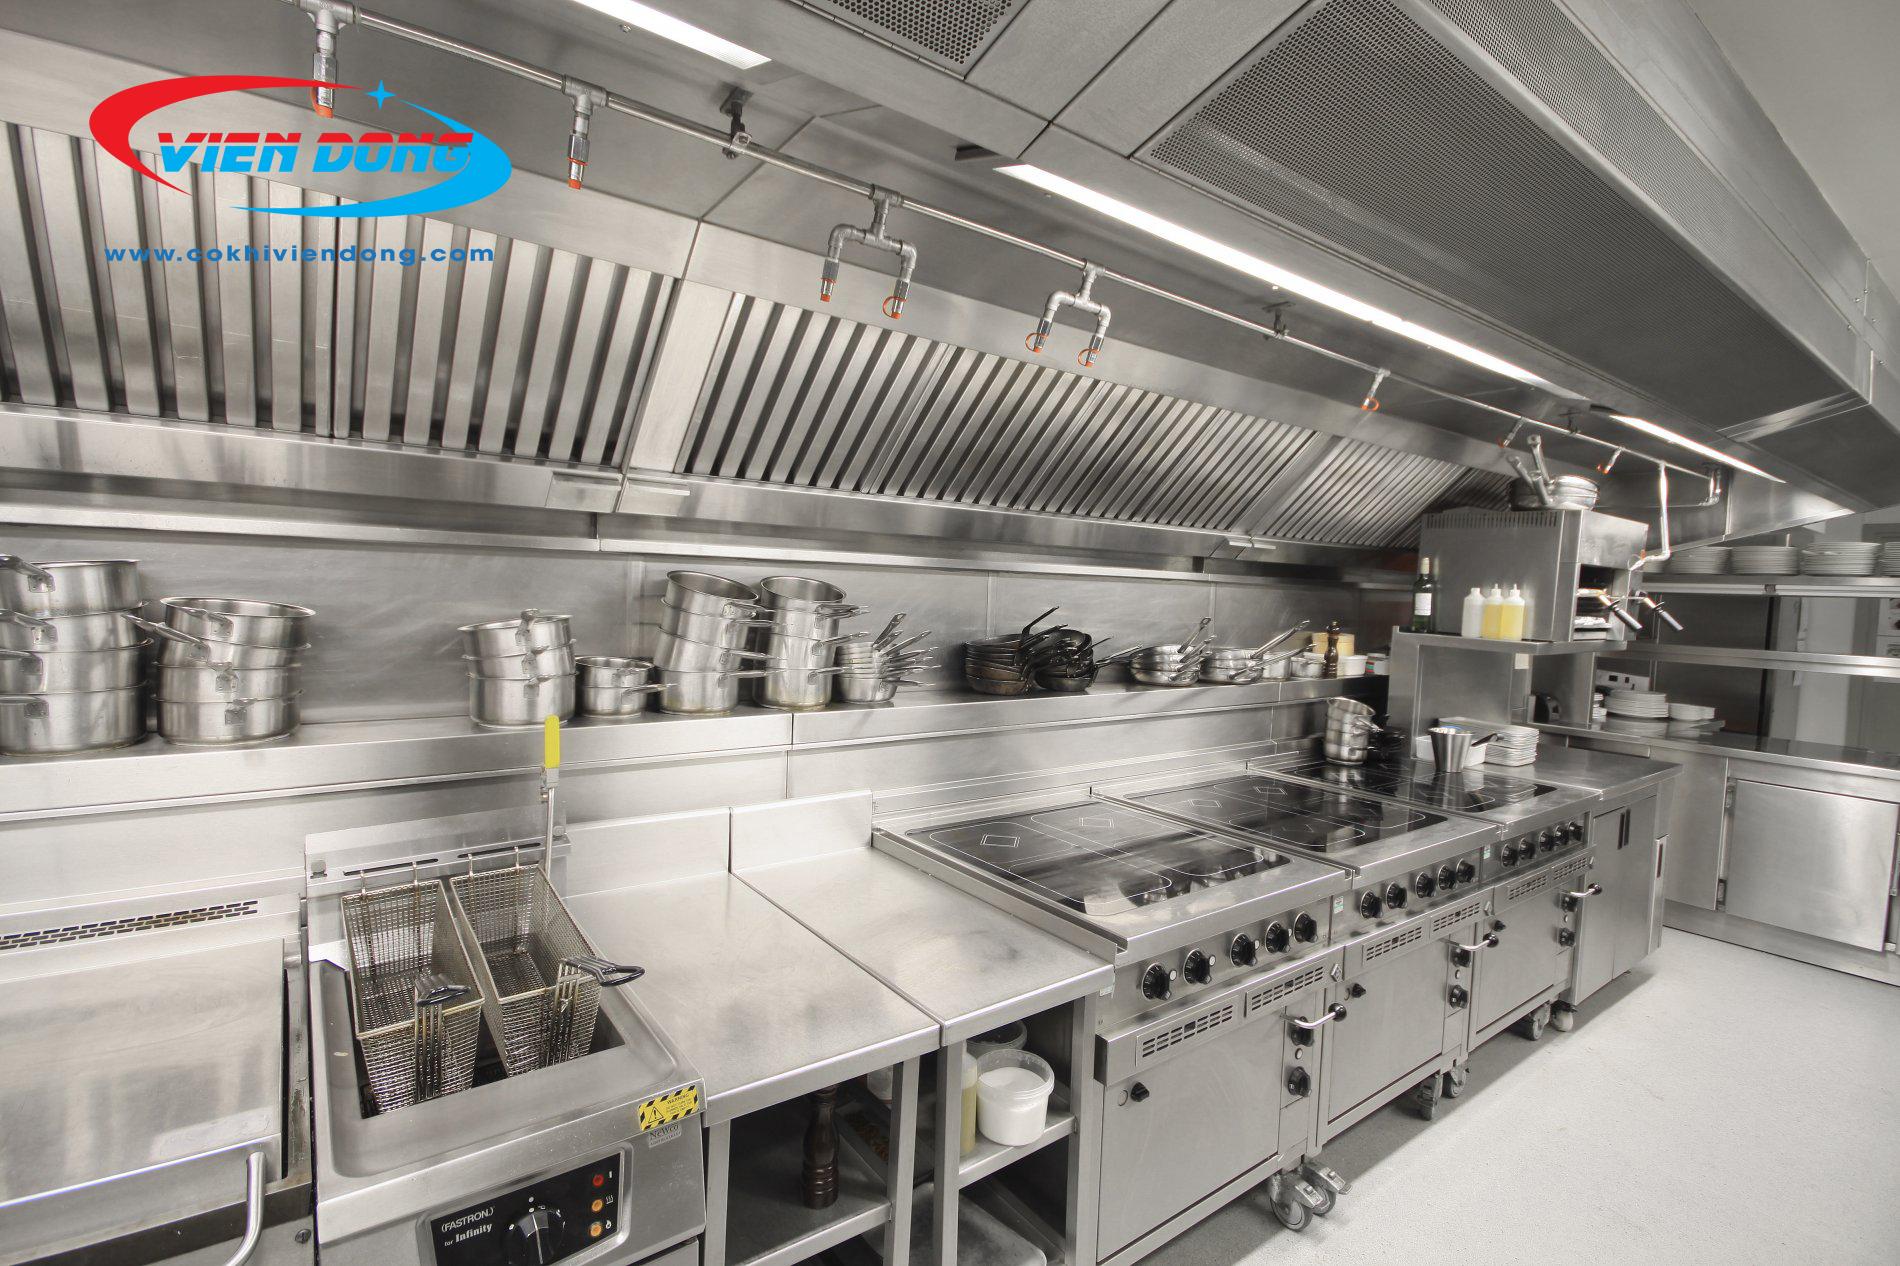 sửa bếp công nghiệp Viễn Đông